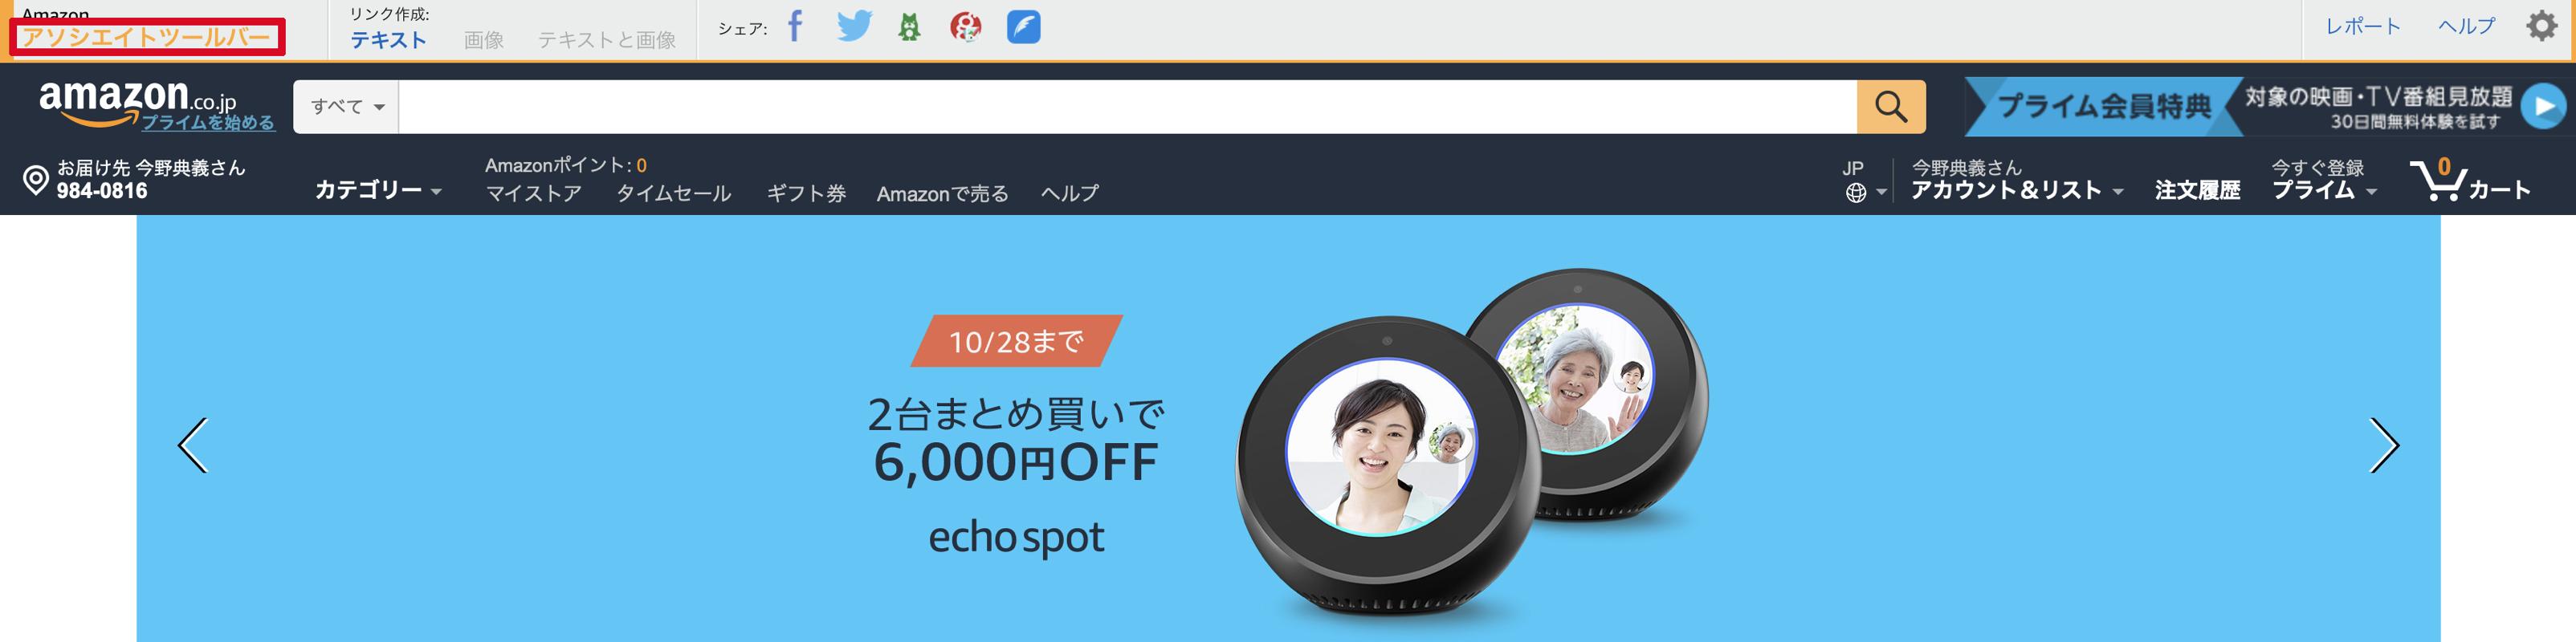 Amzonトップ画面のコピー